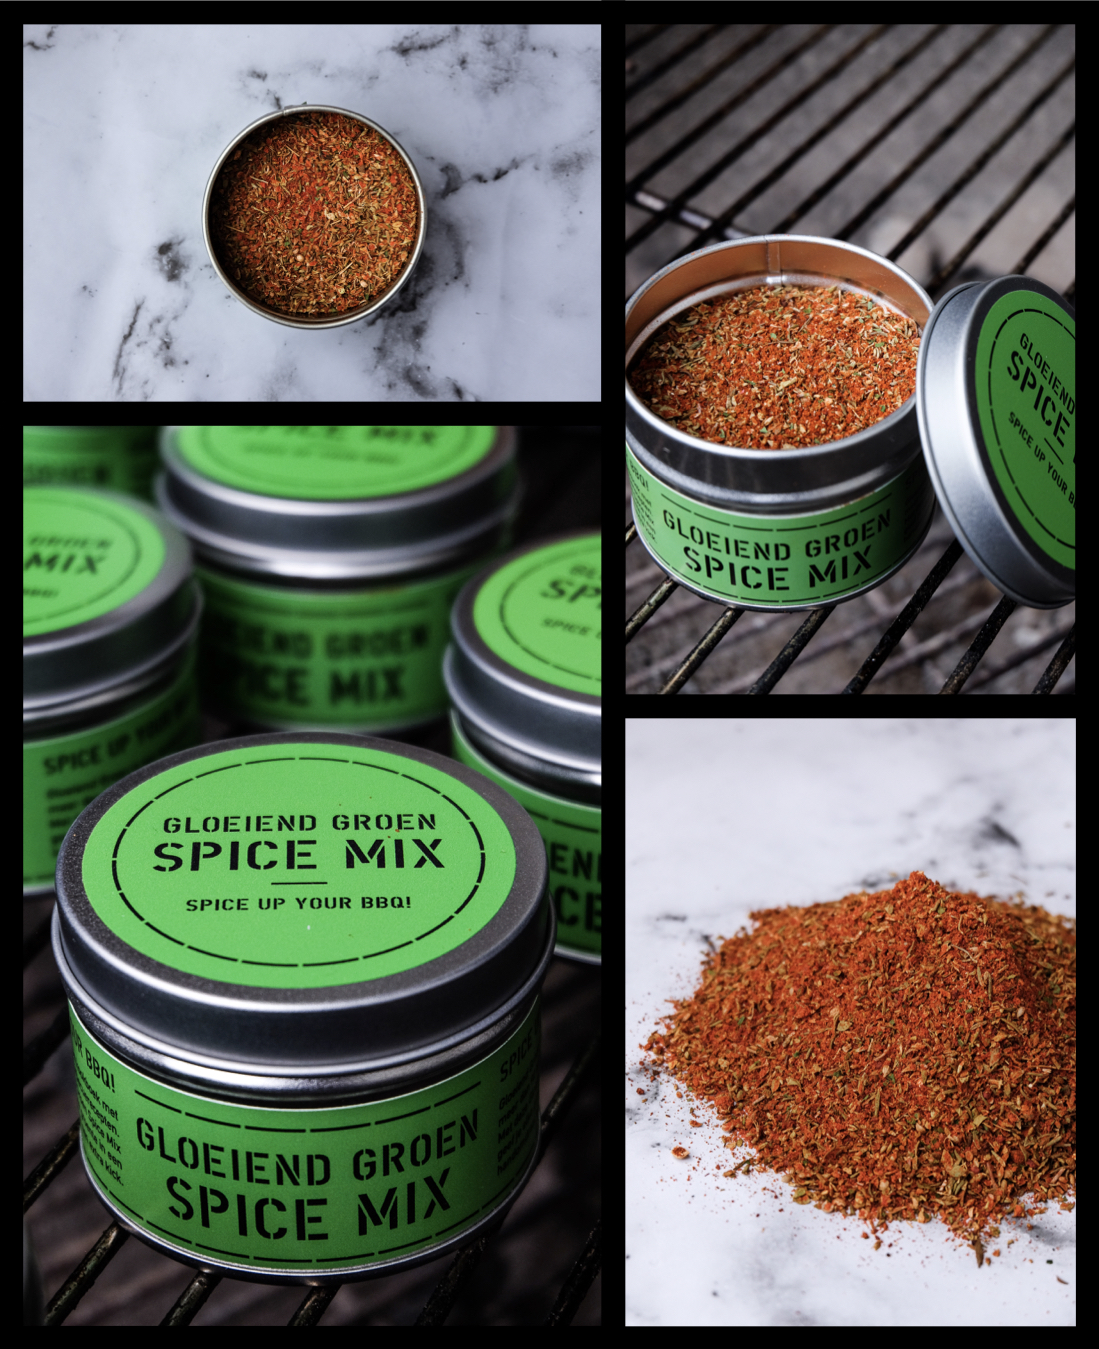 Spice Up Your BBQ - De Gloeiend Groen Spice Mix! Voor de lancering van Gloeiend Groen hebben wij een limited edition specerijen mix ontwikkelt. De eerste 250 kopers van het boek krijgen een Gloeiend Groen Spice Mix cadeau.Ingrediënten: oregano, paprikapoeder, gerookt paprikapoeder, cayenne, foelie, venkelzaad, sumak, tijm, fenegriek, roze peperkorrels, korianderzaad en peterselie.